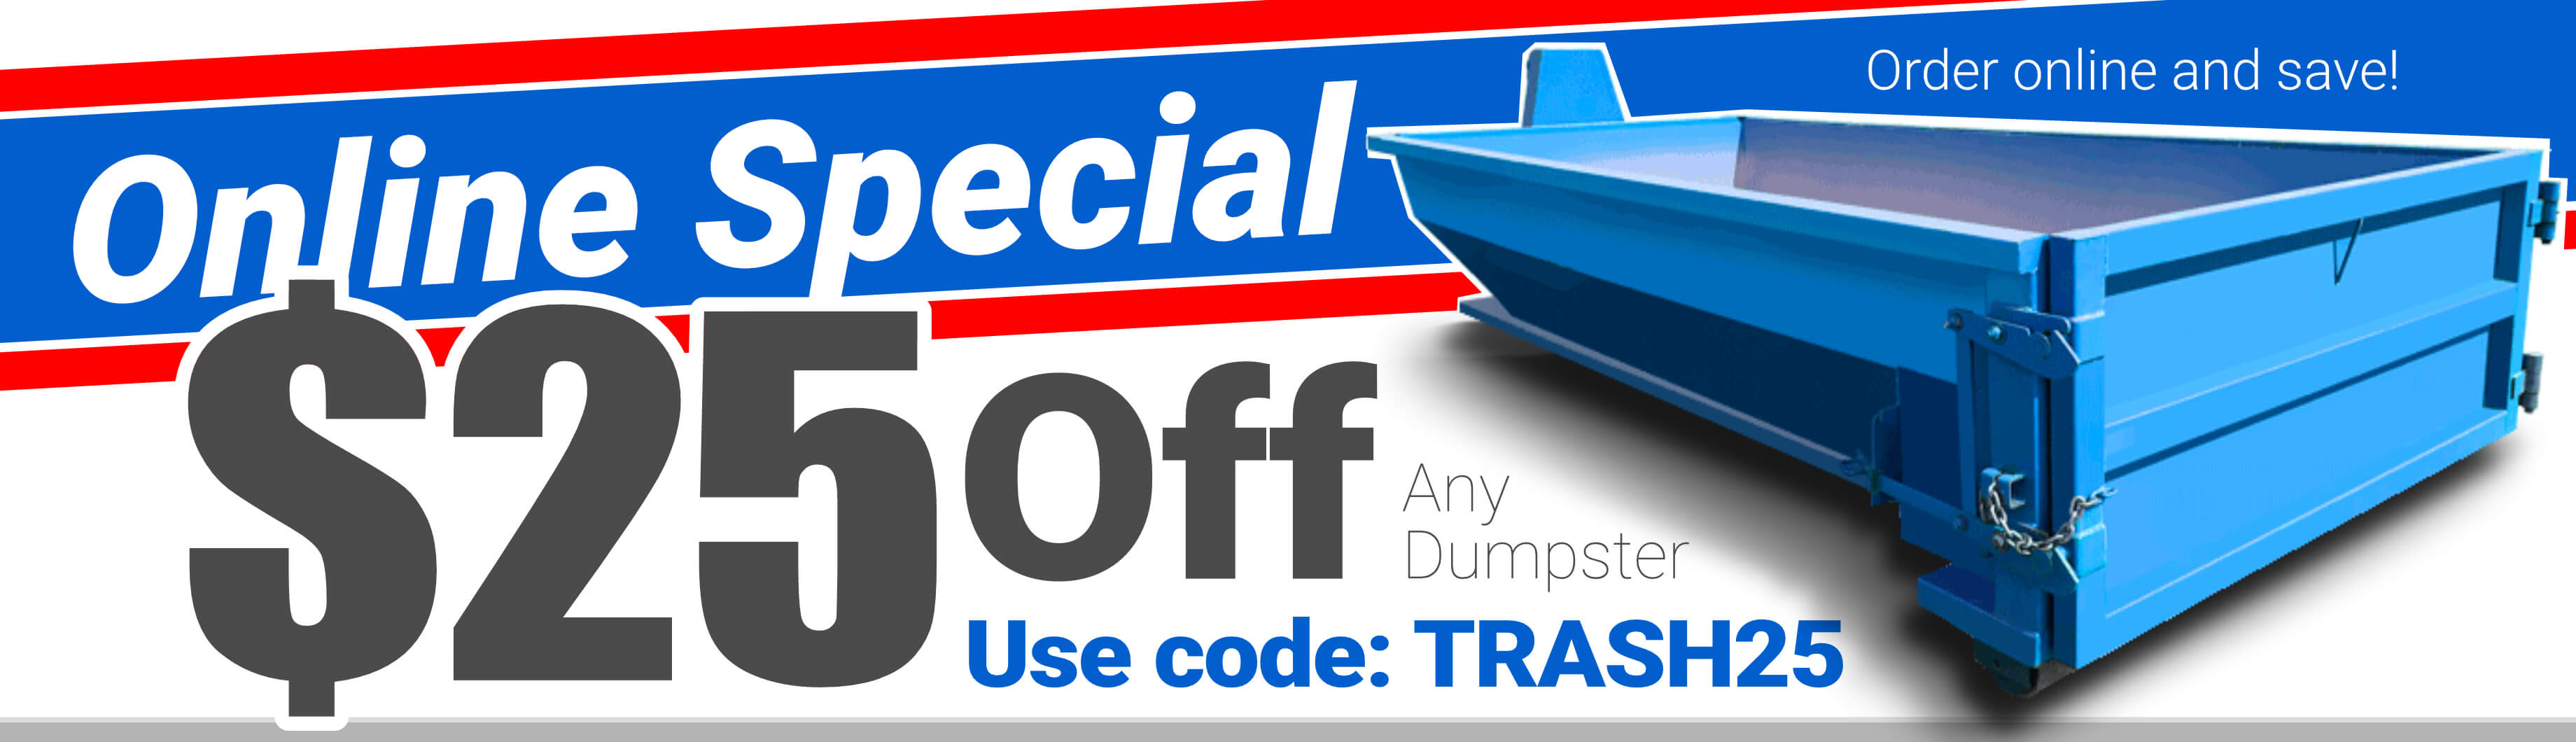 Dumpster Rental Denver Sizes and pricing